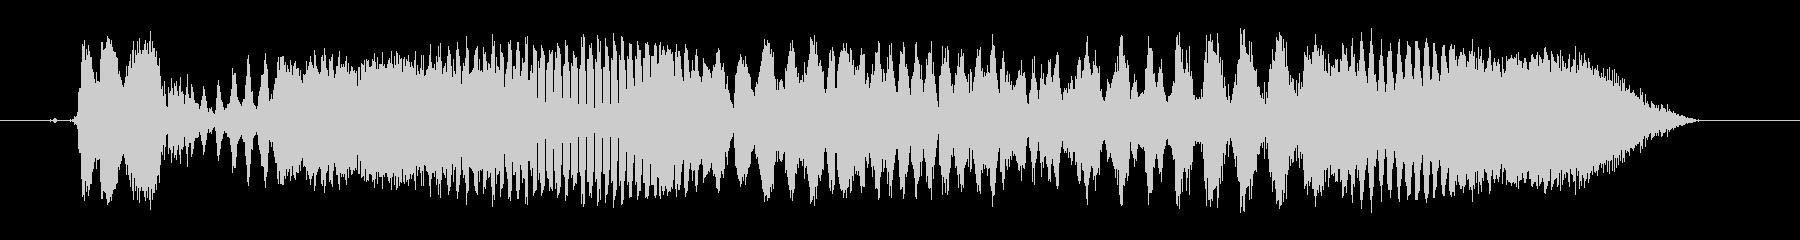 怒っているサイバースイープ2の未再生の波形